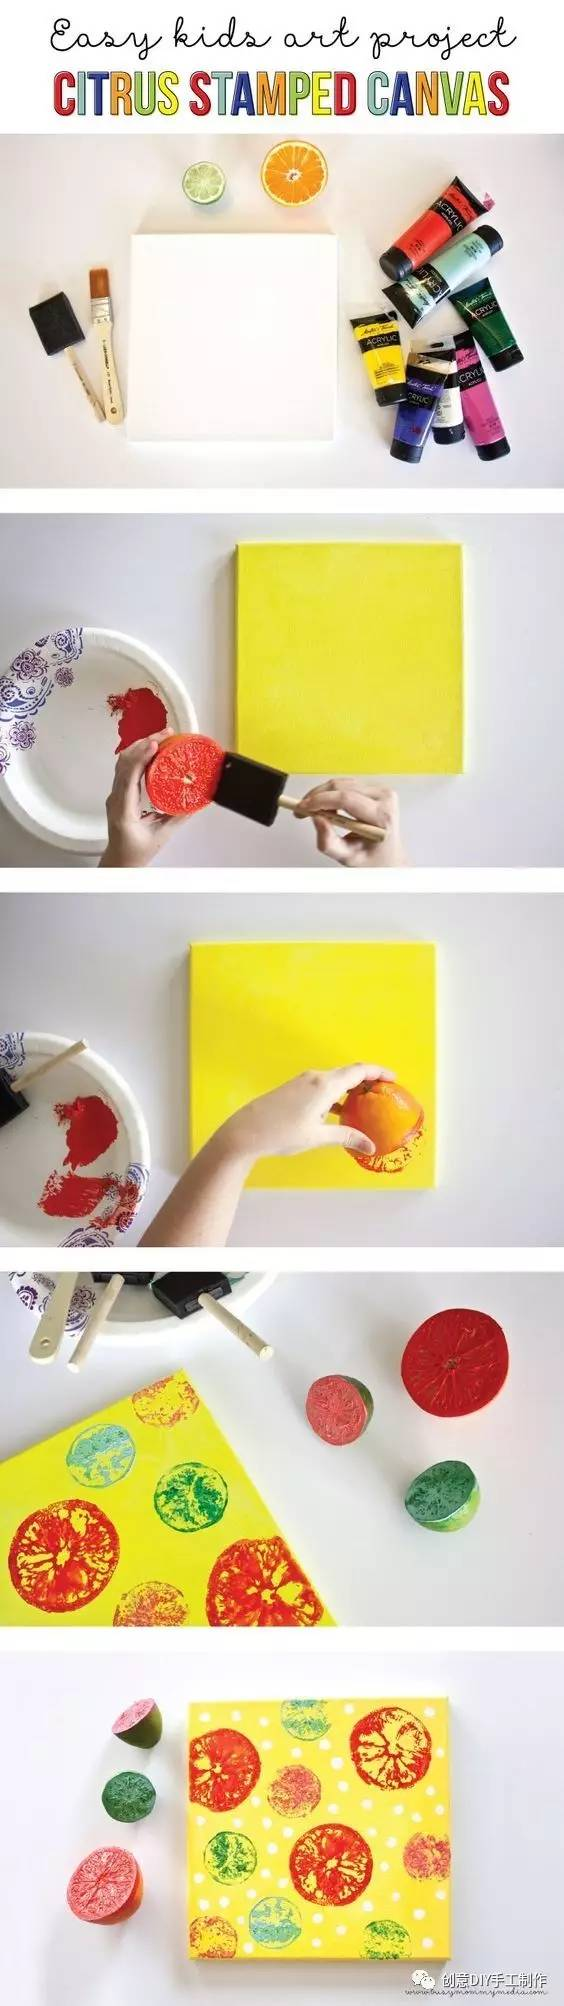 喷漆,画笔,颜料,底刷,底卡 材料和工具:水果(橙子和柠檬),颜料,底刷